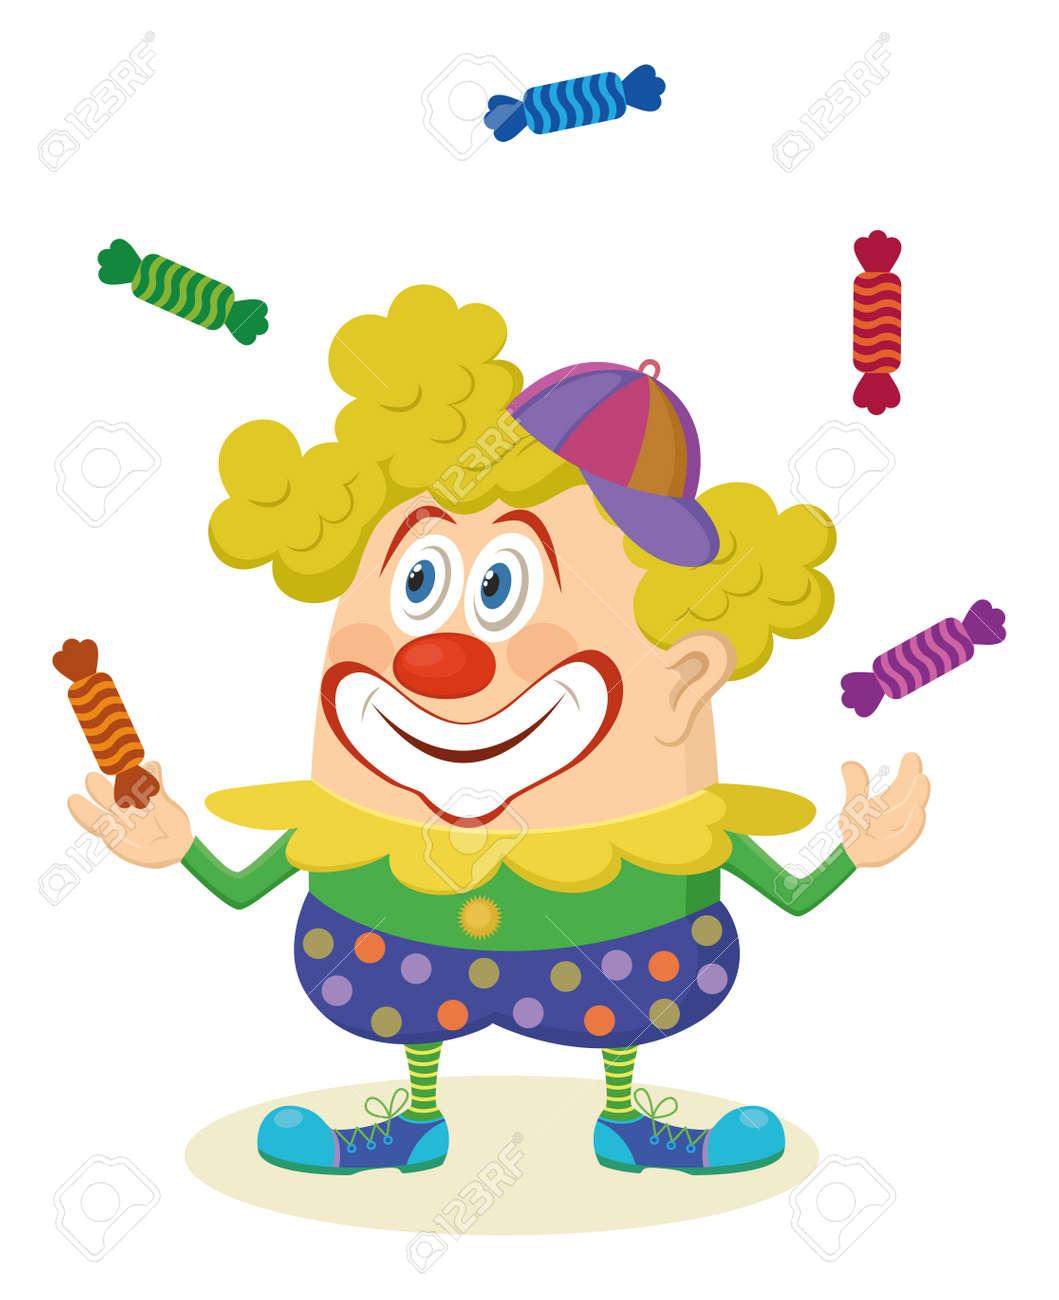 Enthousiaste Genre Clown De Cirque En Couleurs Des Bonbons Vêtements De Jonglerie Vacances Illustration Drôle De Personnage De Dessin Animé Isolé